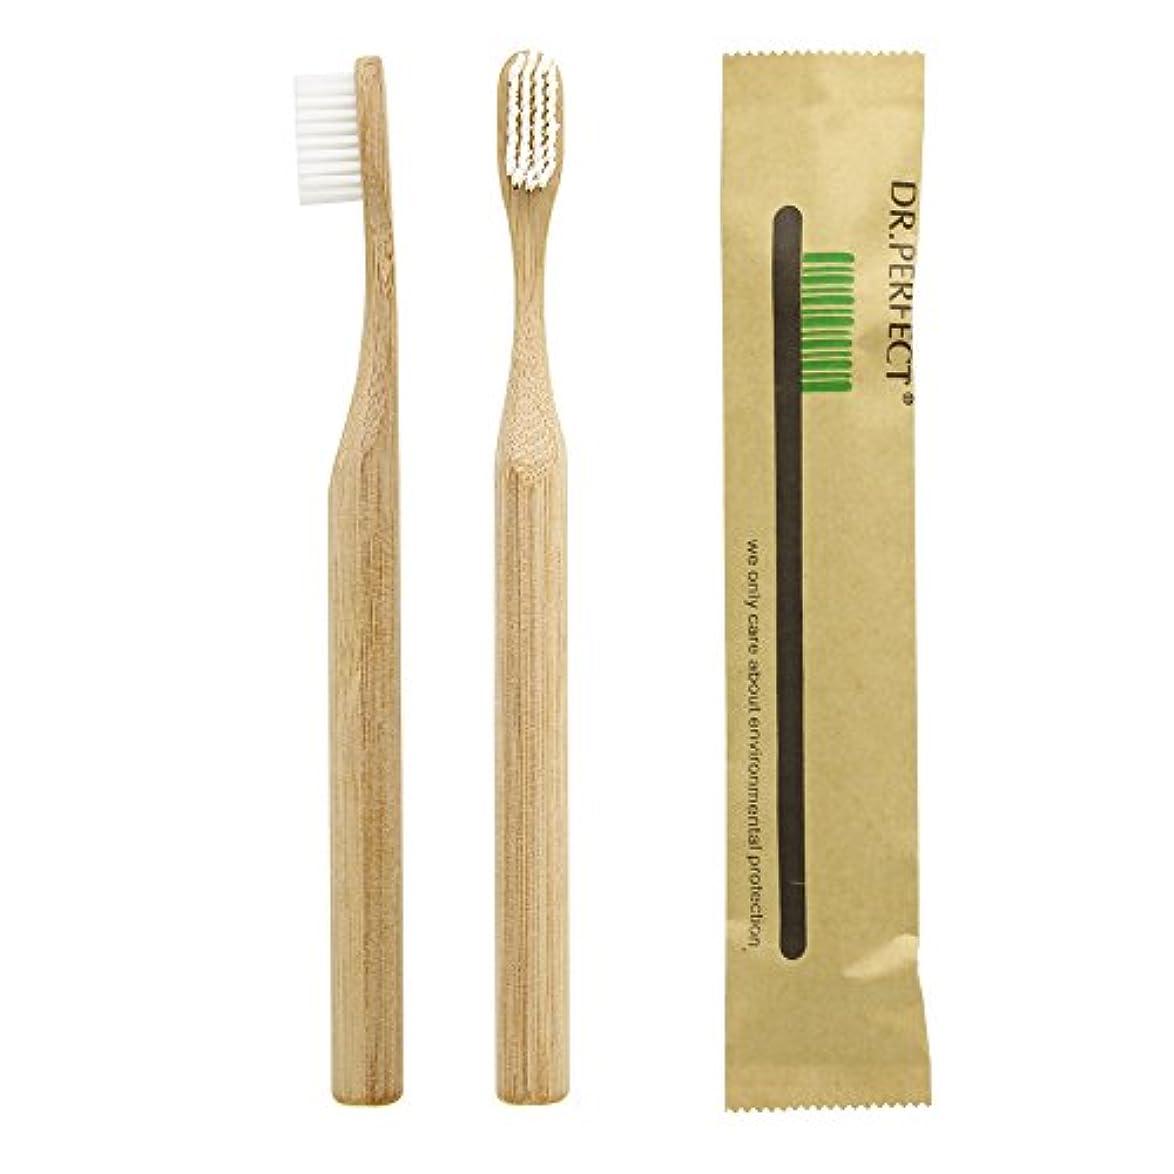 熟達共産主義心配するDr.Perfect Bamboo Toothbrush アダルト竹の歯ブラシ ナイロン毛 環境にやさしい製品 (ホワイト)